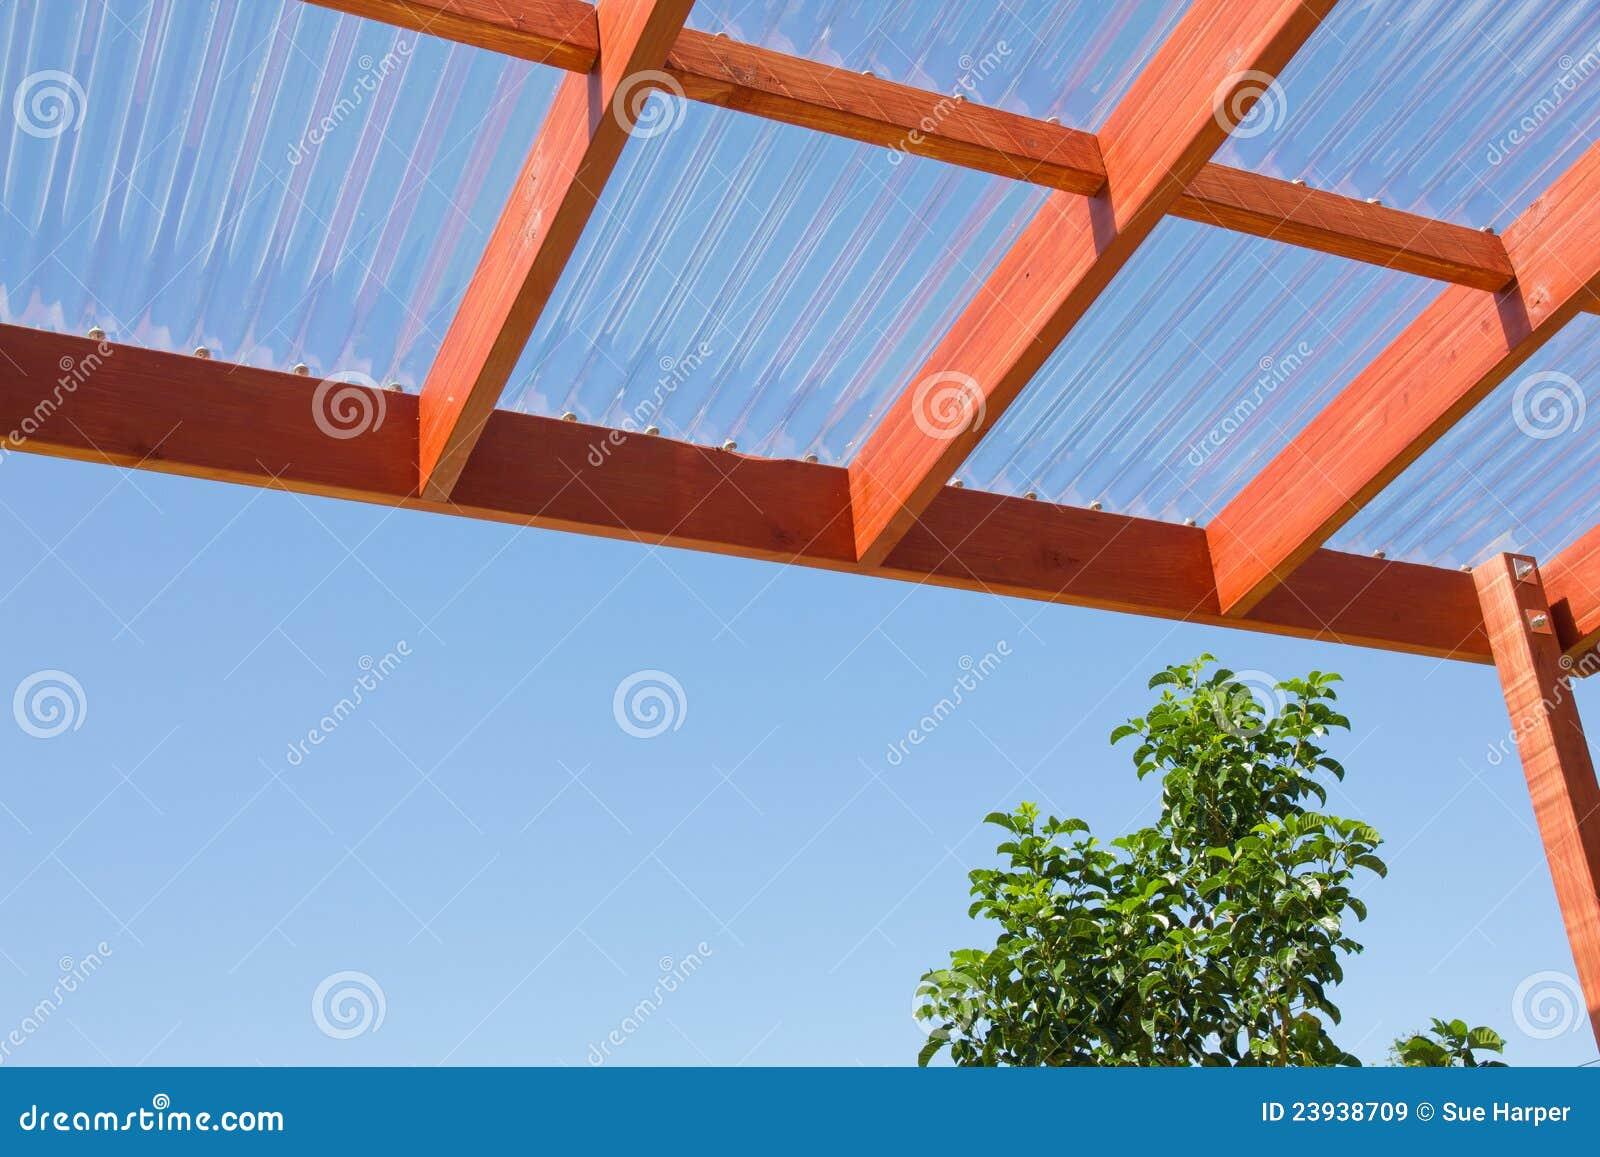 Houten pergola tegen blauwe hemel royalty vrije stock afbeeldingen afbeelding 23938709 - Latwerk houten ...